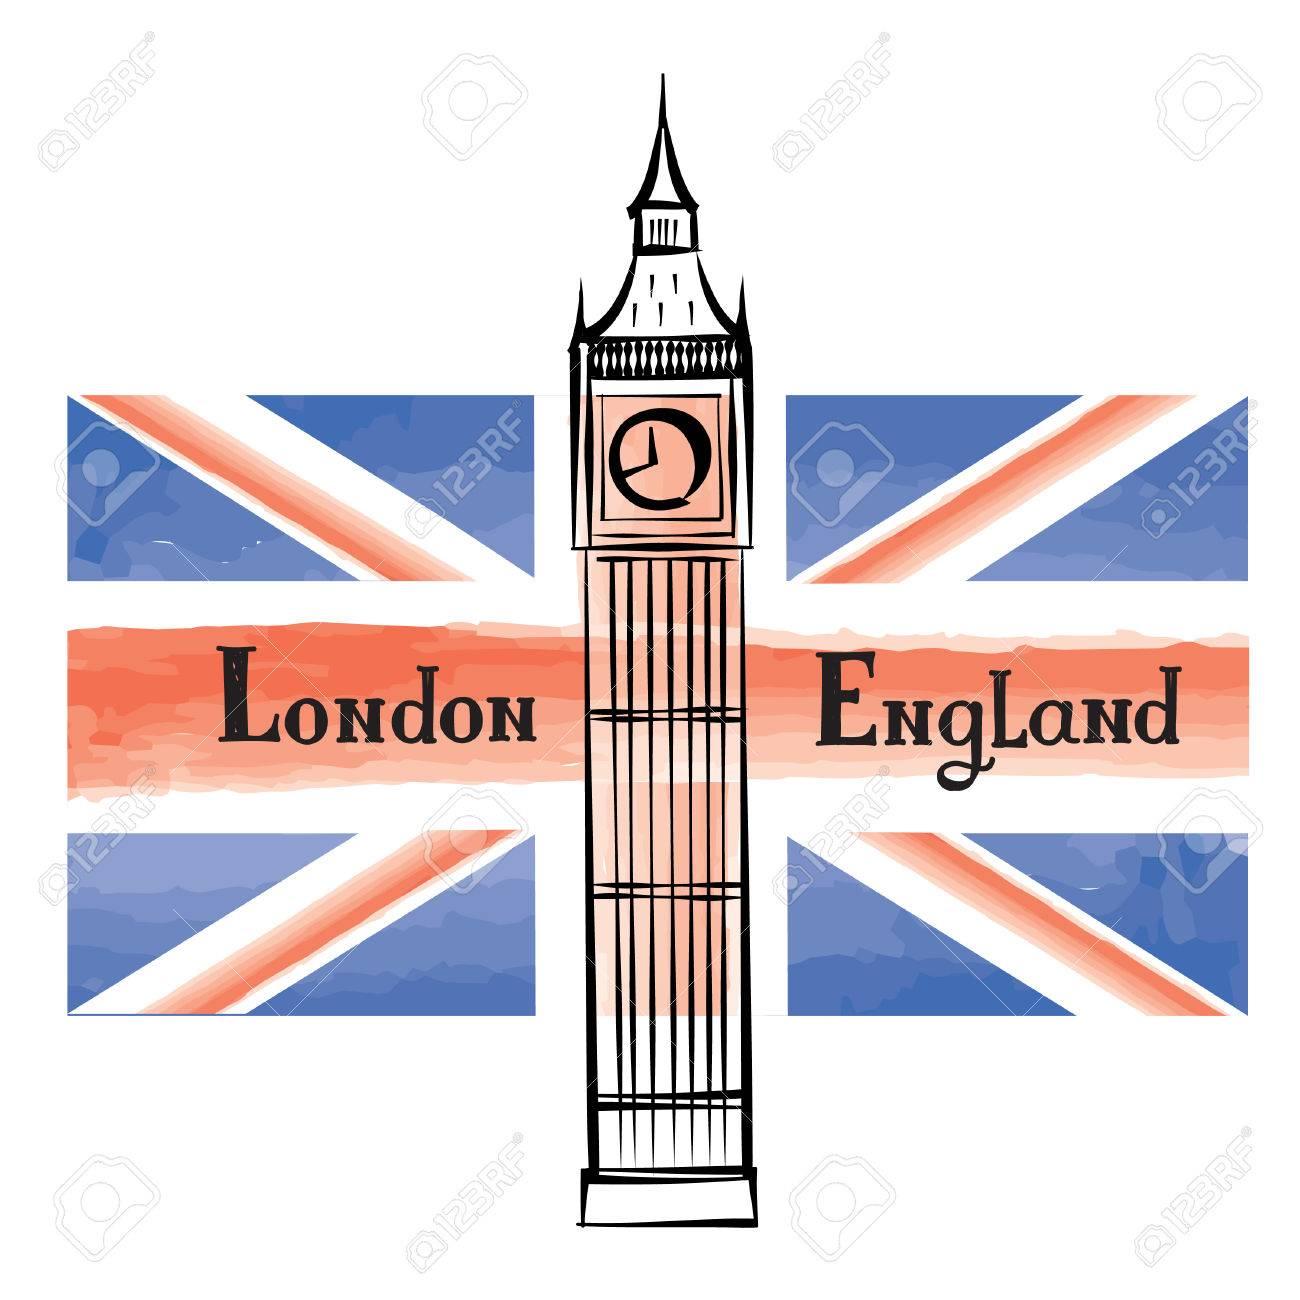 Vettoriale Grunge Bandiera Del Regno Unito Con Londra Famosa